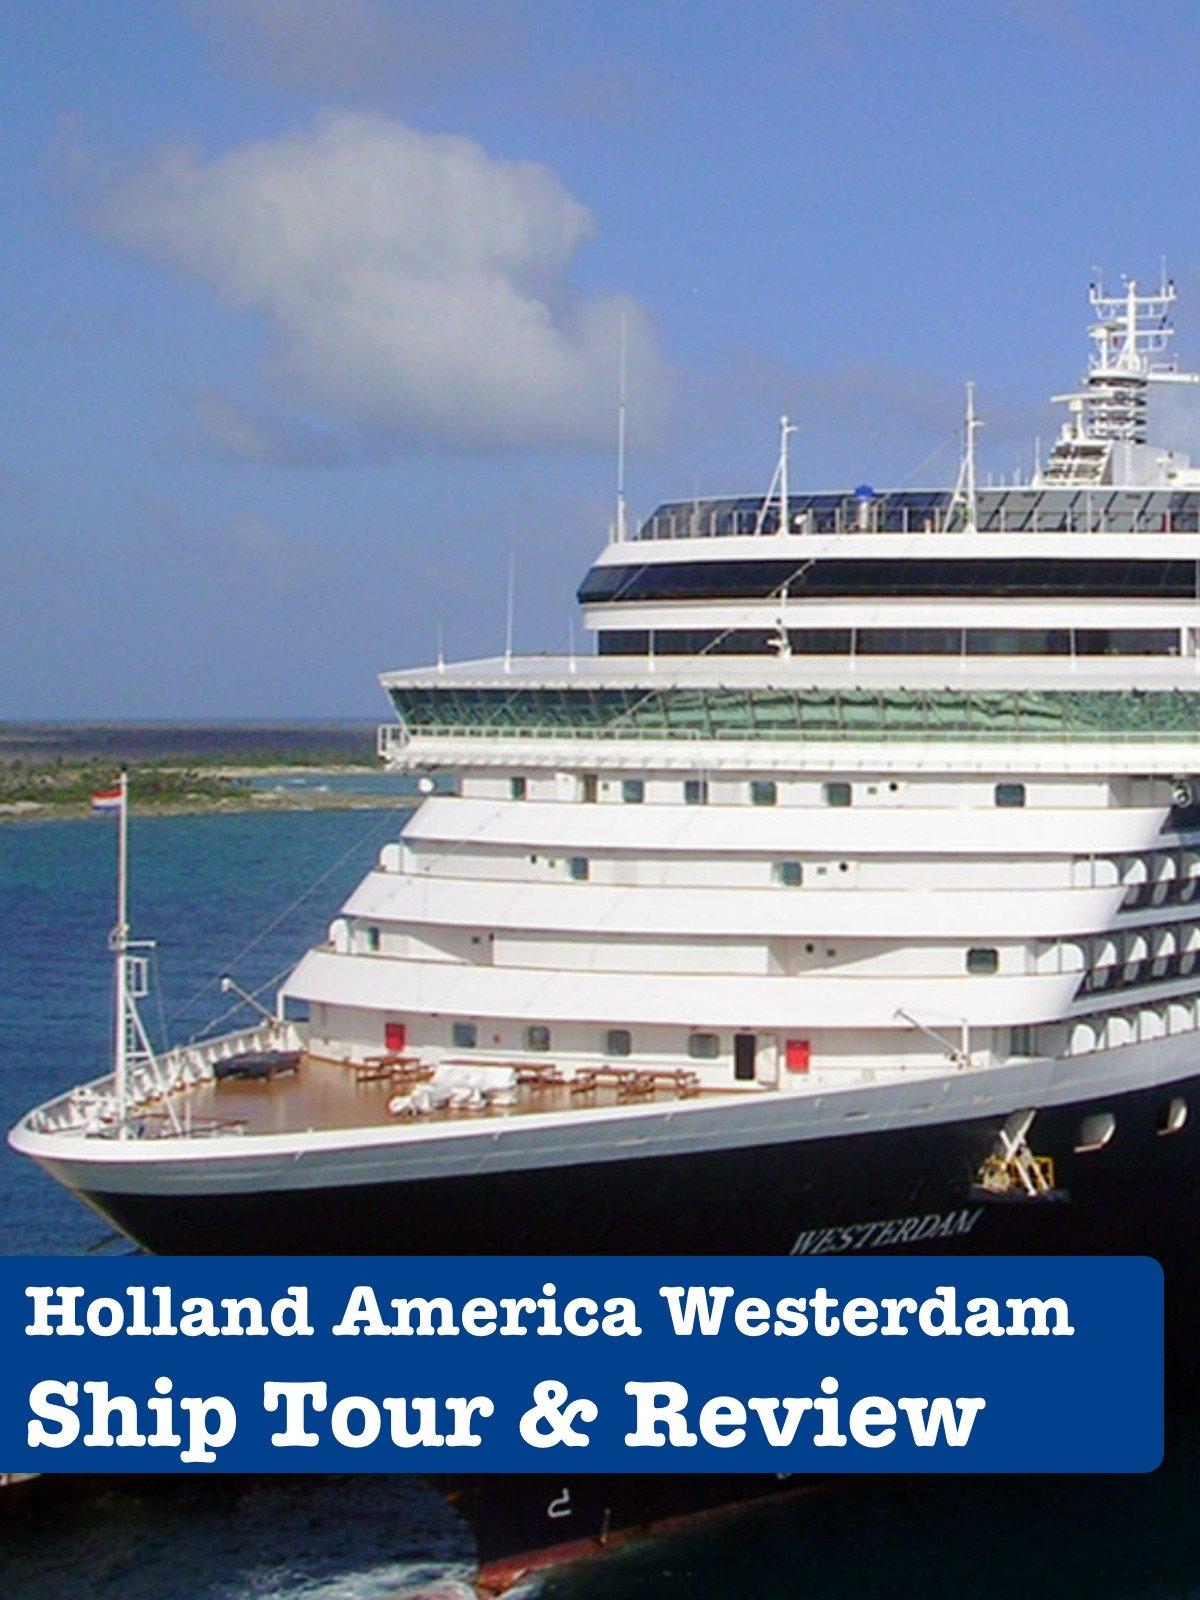 Clip: Holland America Westerdam Ship Tour And Review